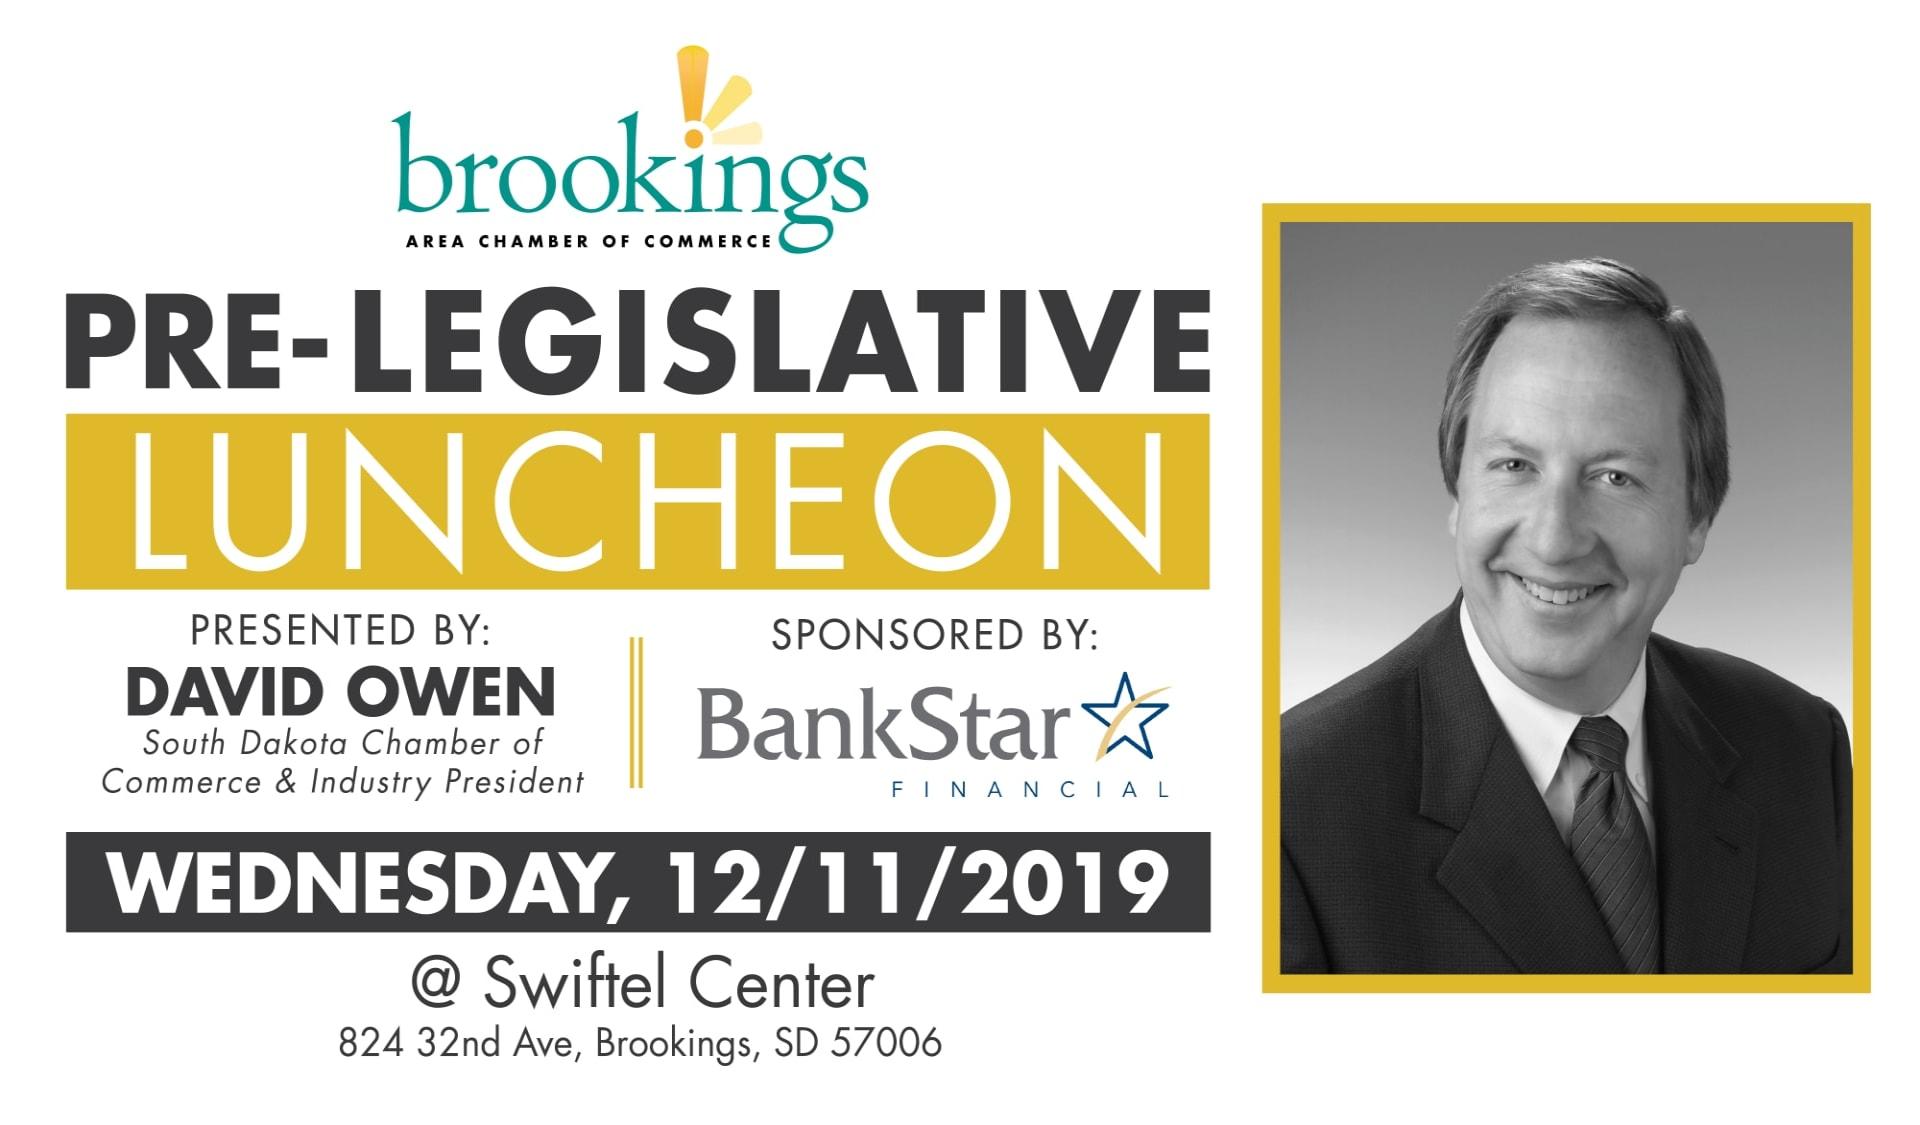 Pre-Legislative-Luncheon-2019-FB-Header-01-w2000-w1920.jpg